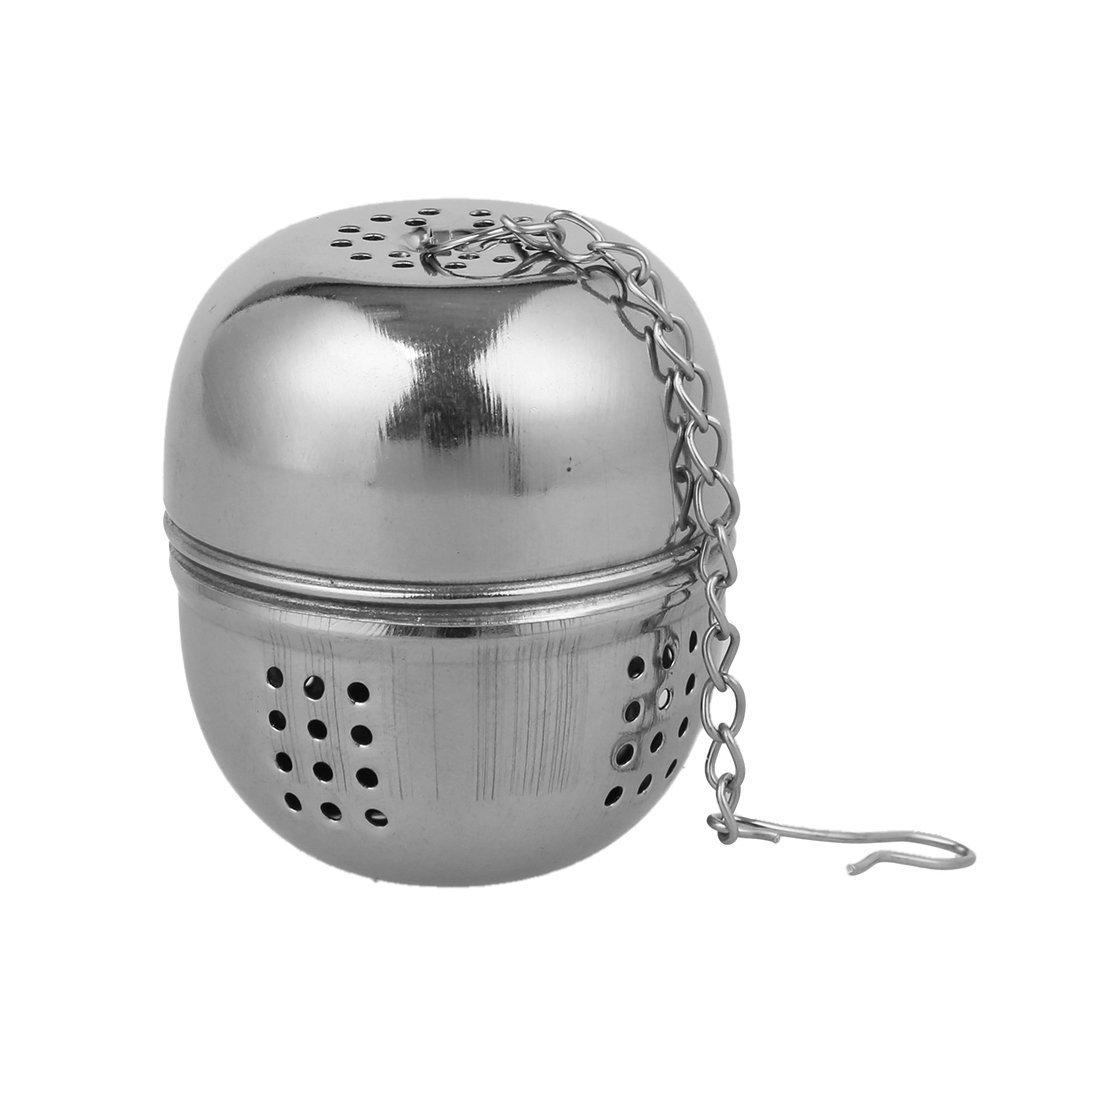 SODIAL(R) Stainless Steel Tea Ball FEMIHGFJGUGD114